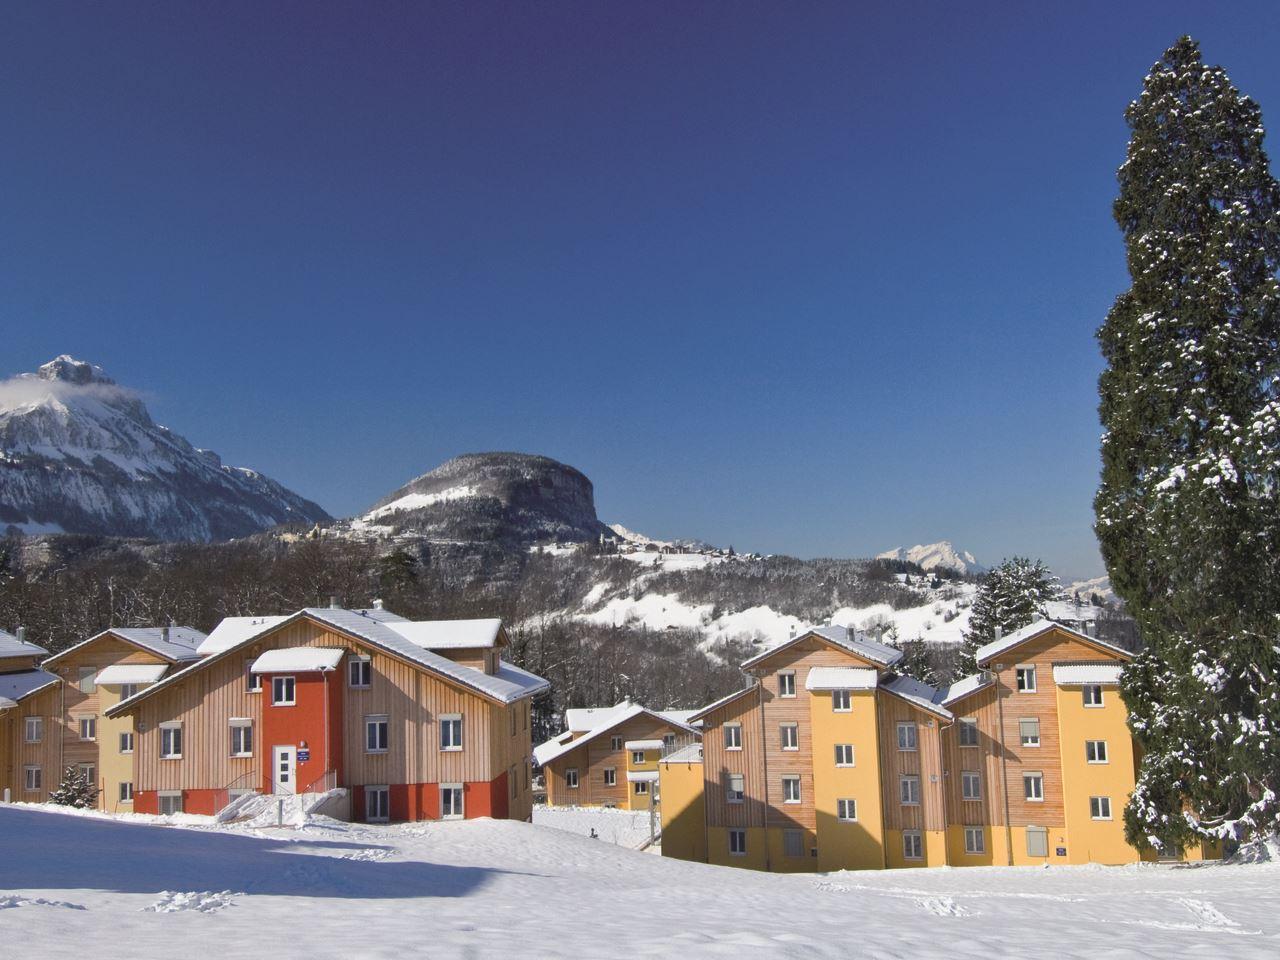 Ferienwohnung 8-Personen-Ferienwohnung im Ferienpark Landal Vierwaldstättersee - in den Bergen (355279), Morschach, Vierwaldstättersee, Zentralschweiz, Schweiz, Bild 2